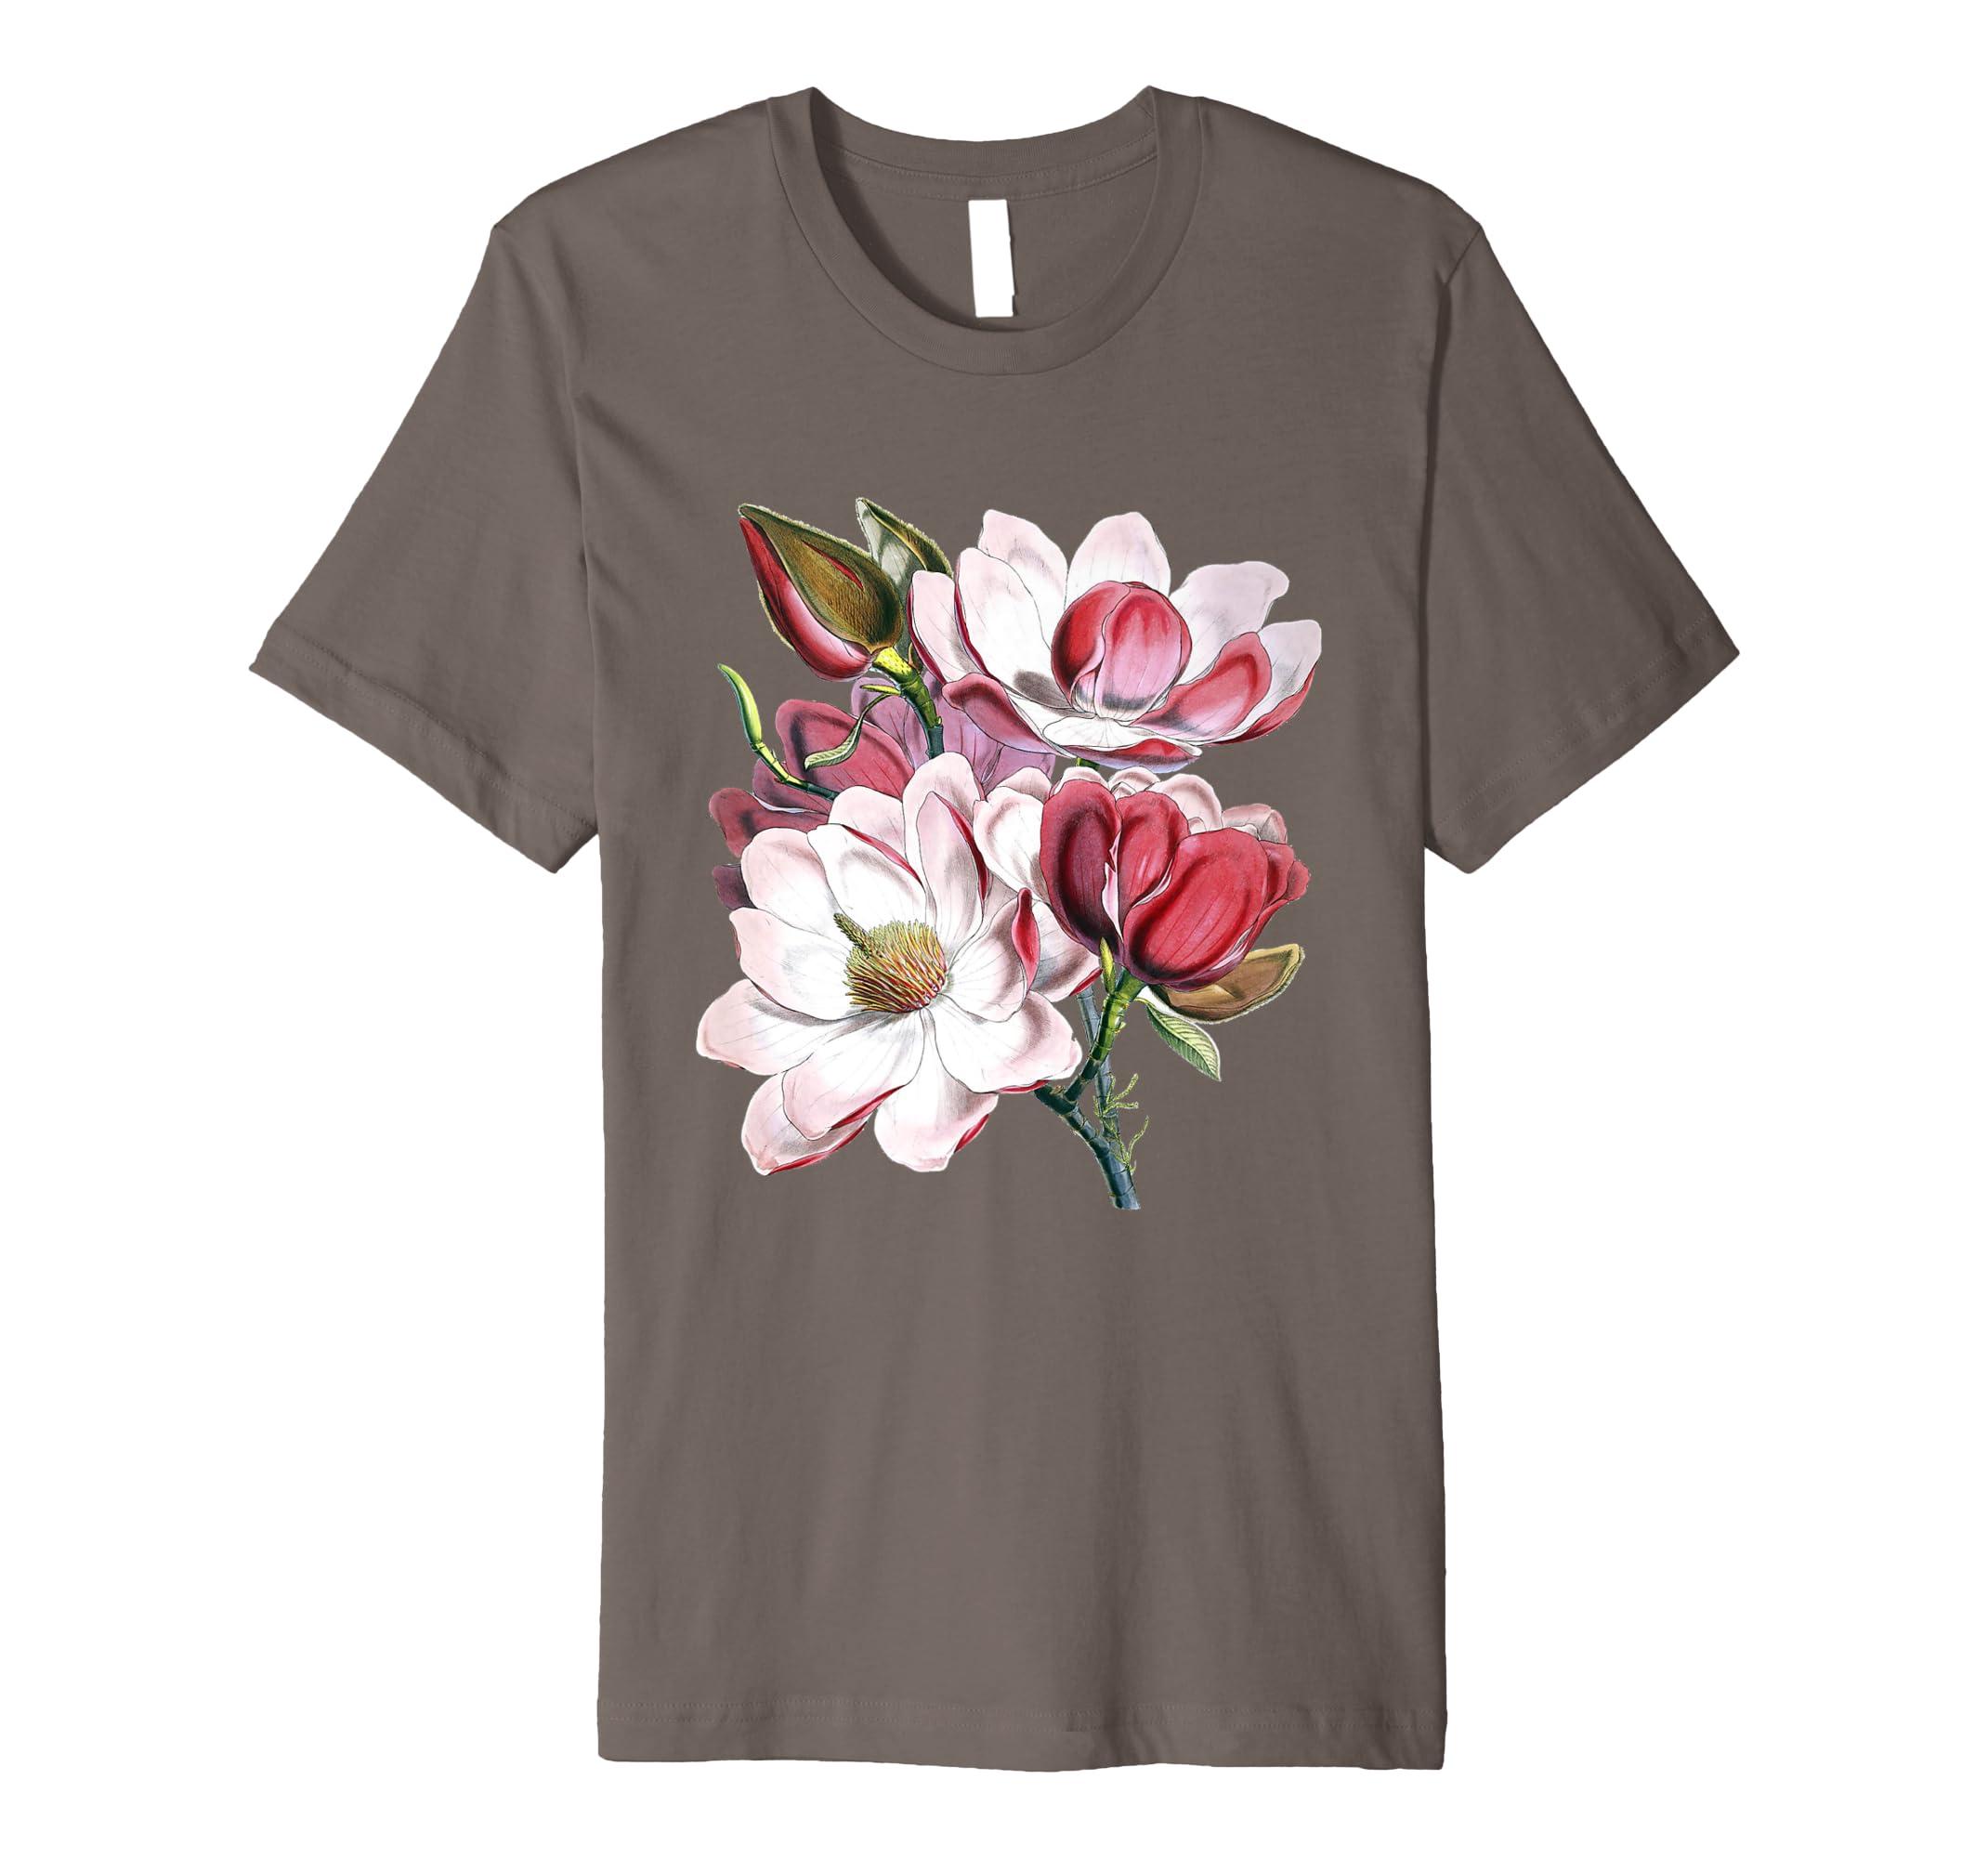 Amazoncom Cool Vintage Magnolia Flower T Shirt Floral